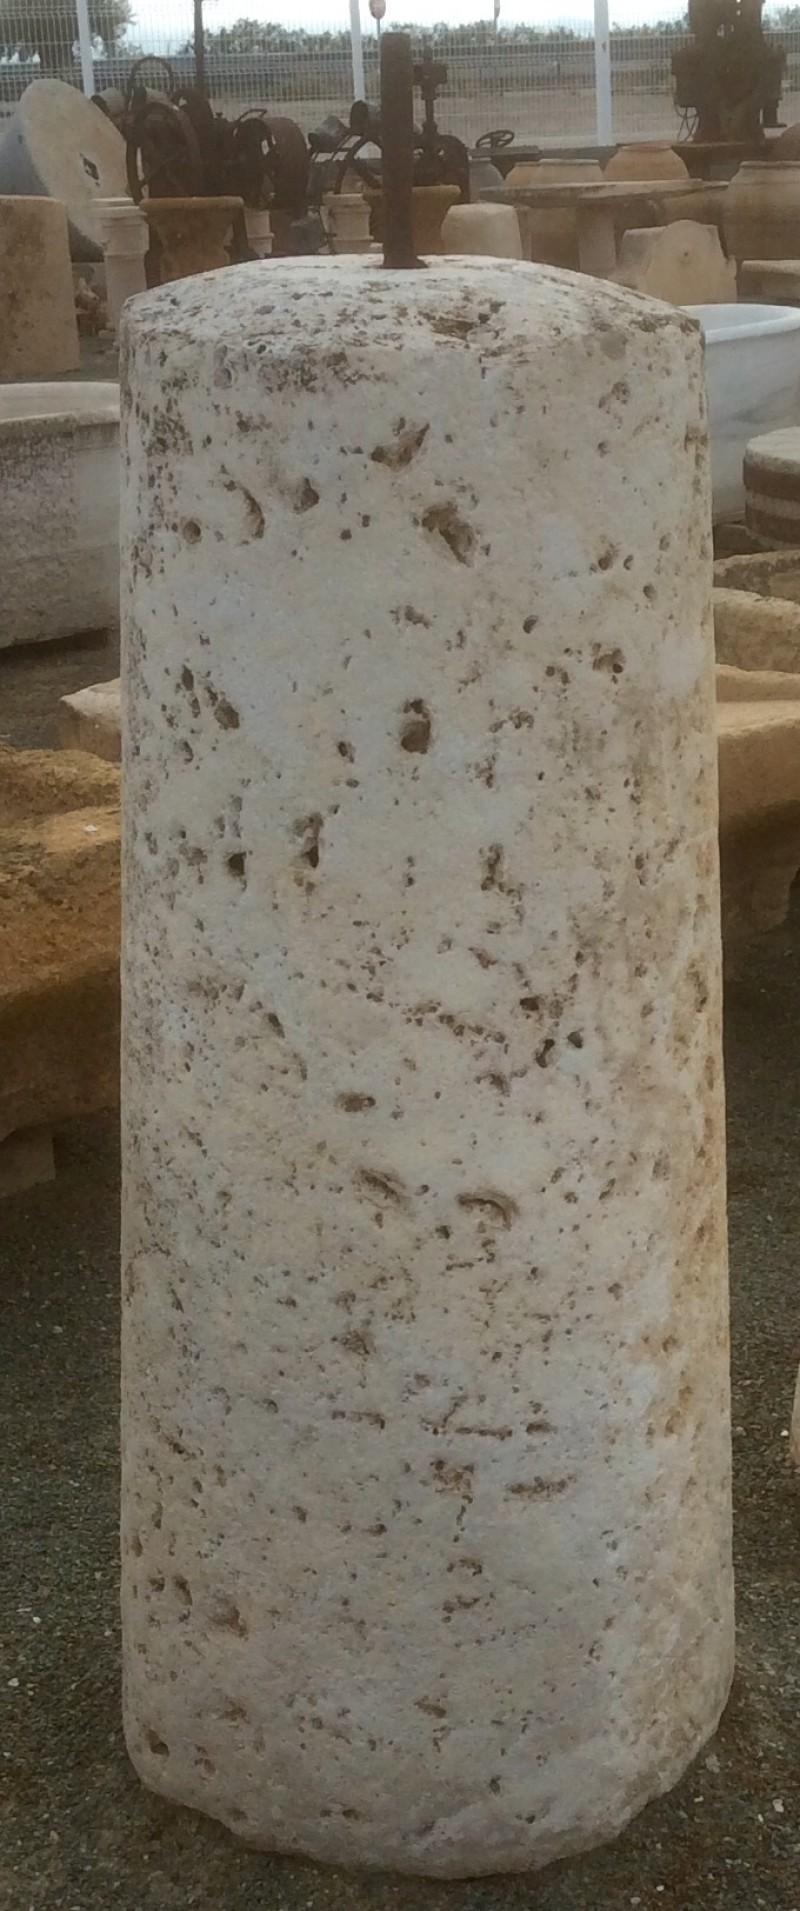 Rulo de piedra viva. Mide 49 cm de diámetro x 1.20 cm de alto.